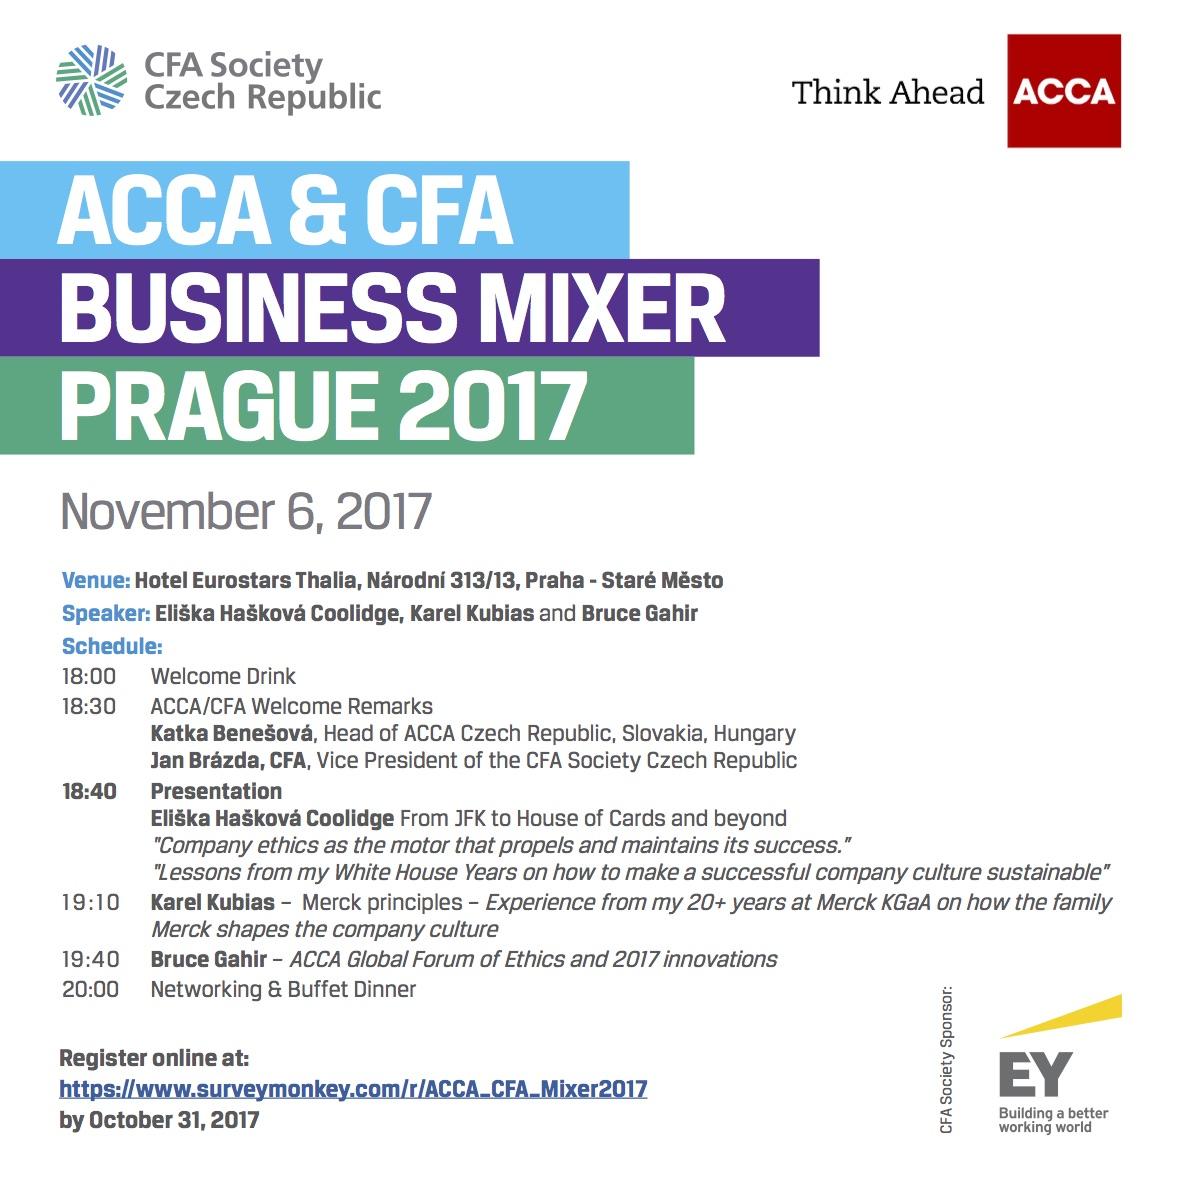 BusinessMixer2017-Prague_preview_12-10-2017-1.jpg